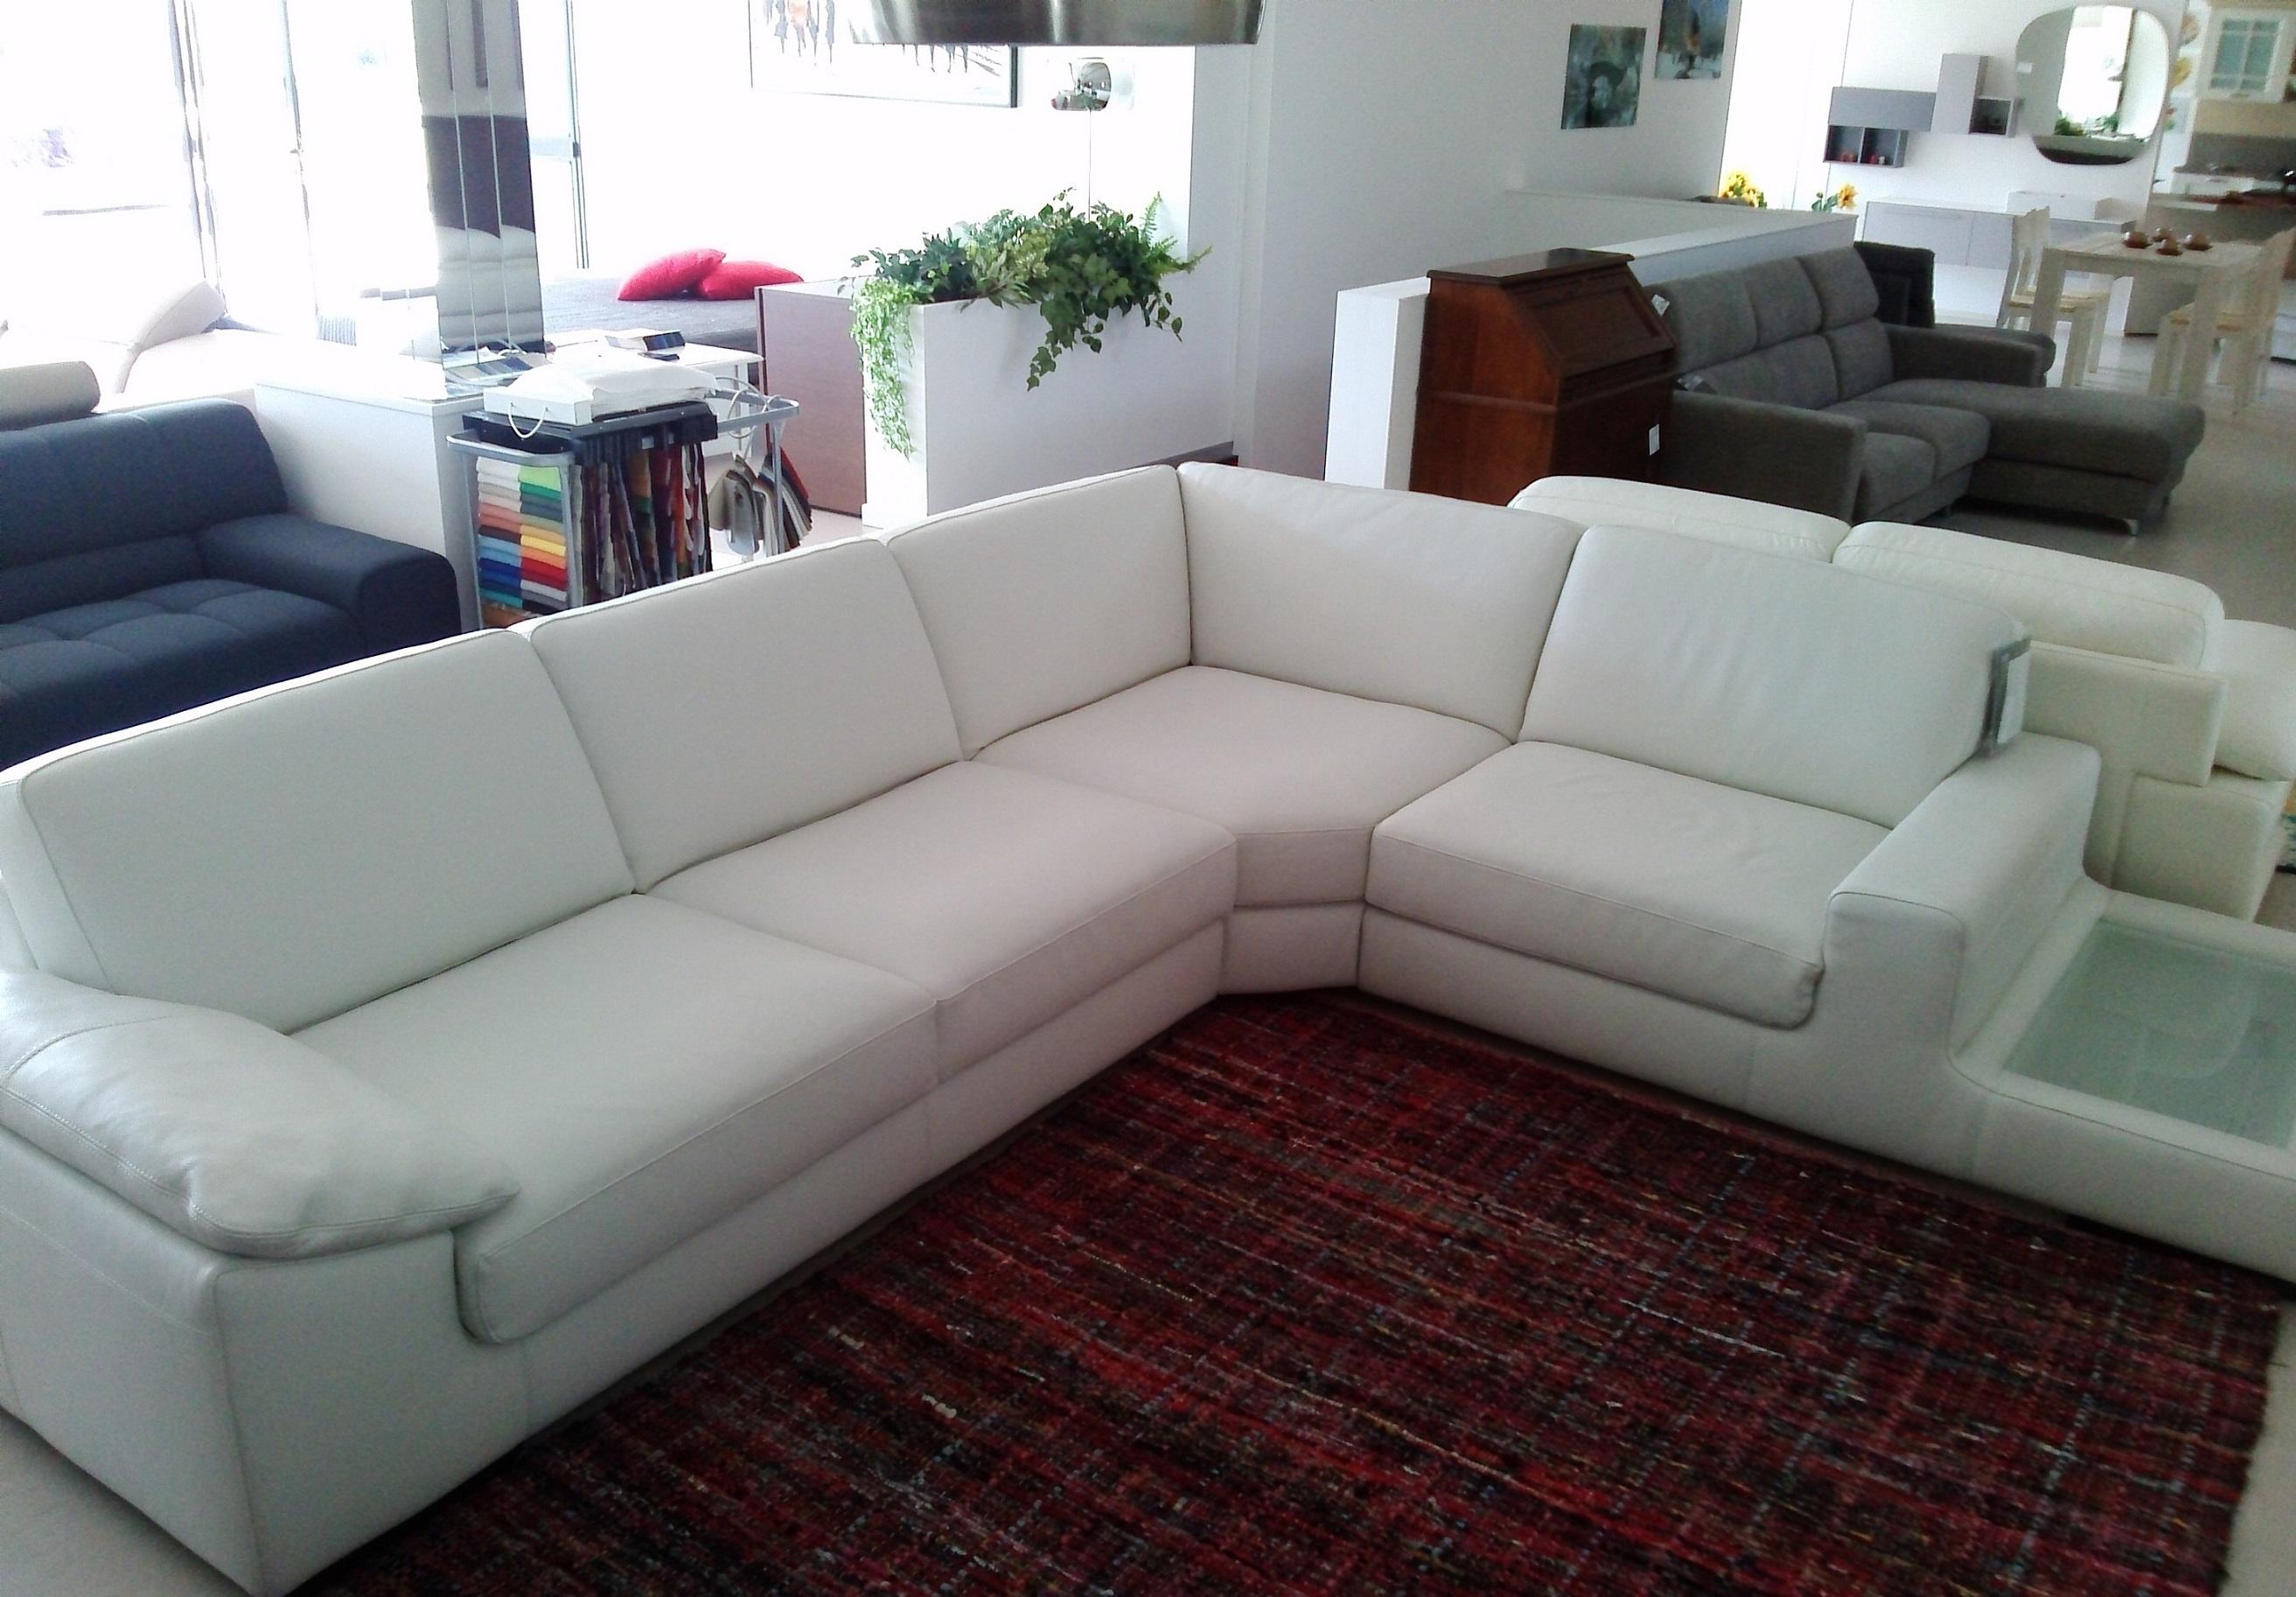 Nicoline salotti divano kronos scontato del 58 divani for Divano letto in pelle prezzi